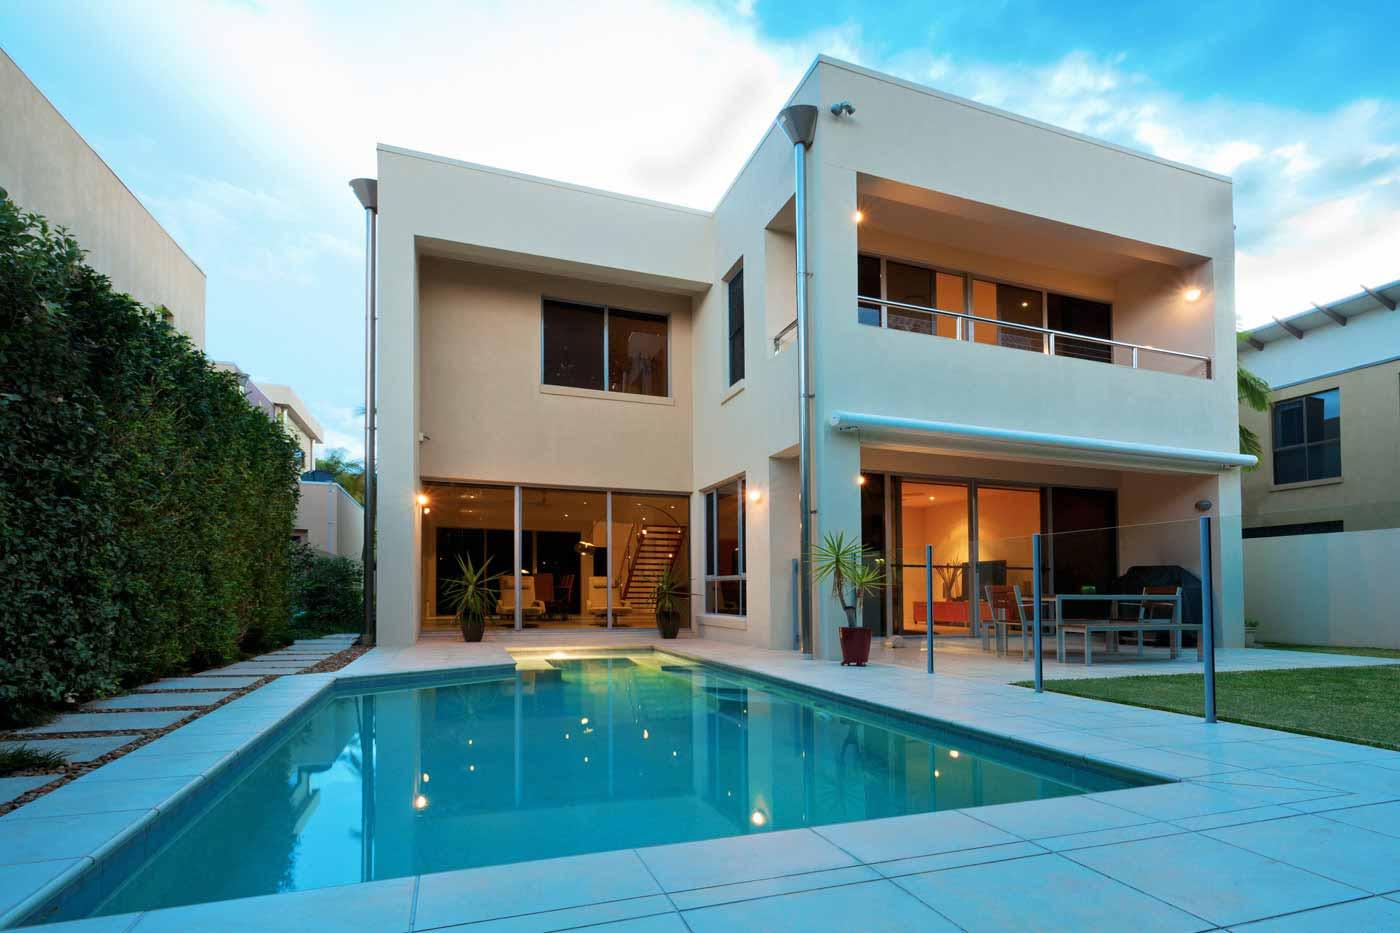 modernes Einfamilienhaus mit Pool